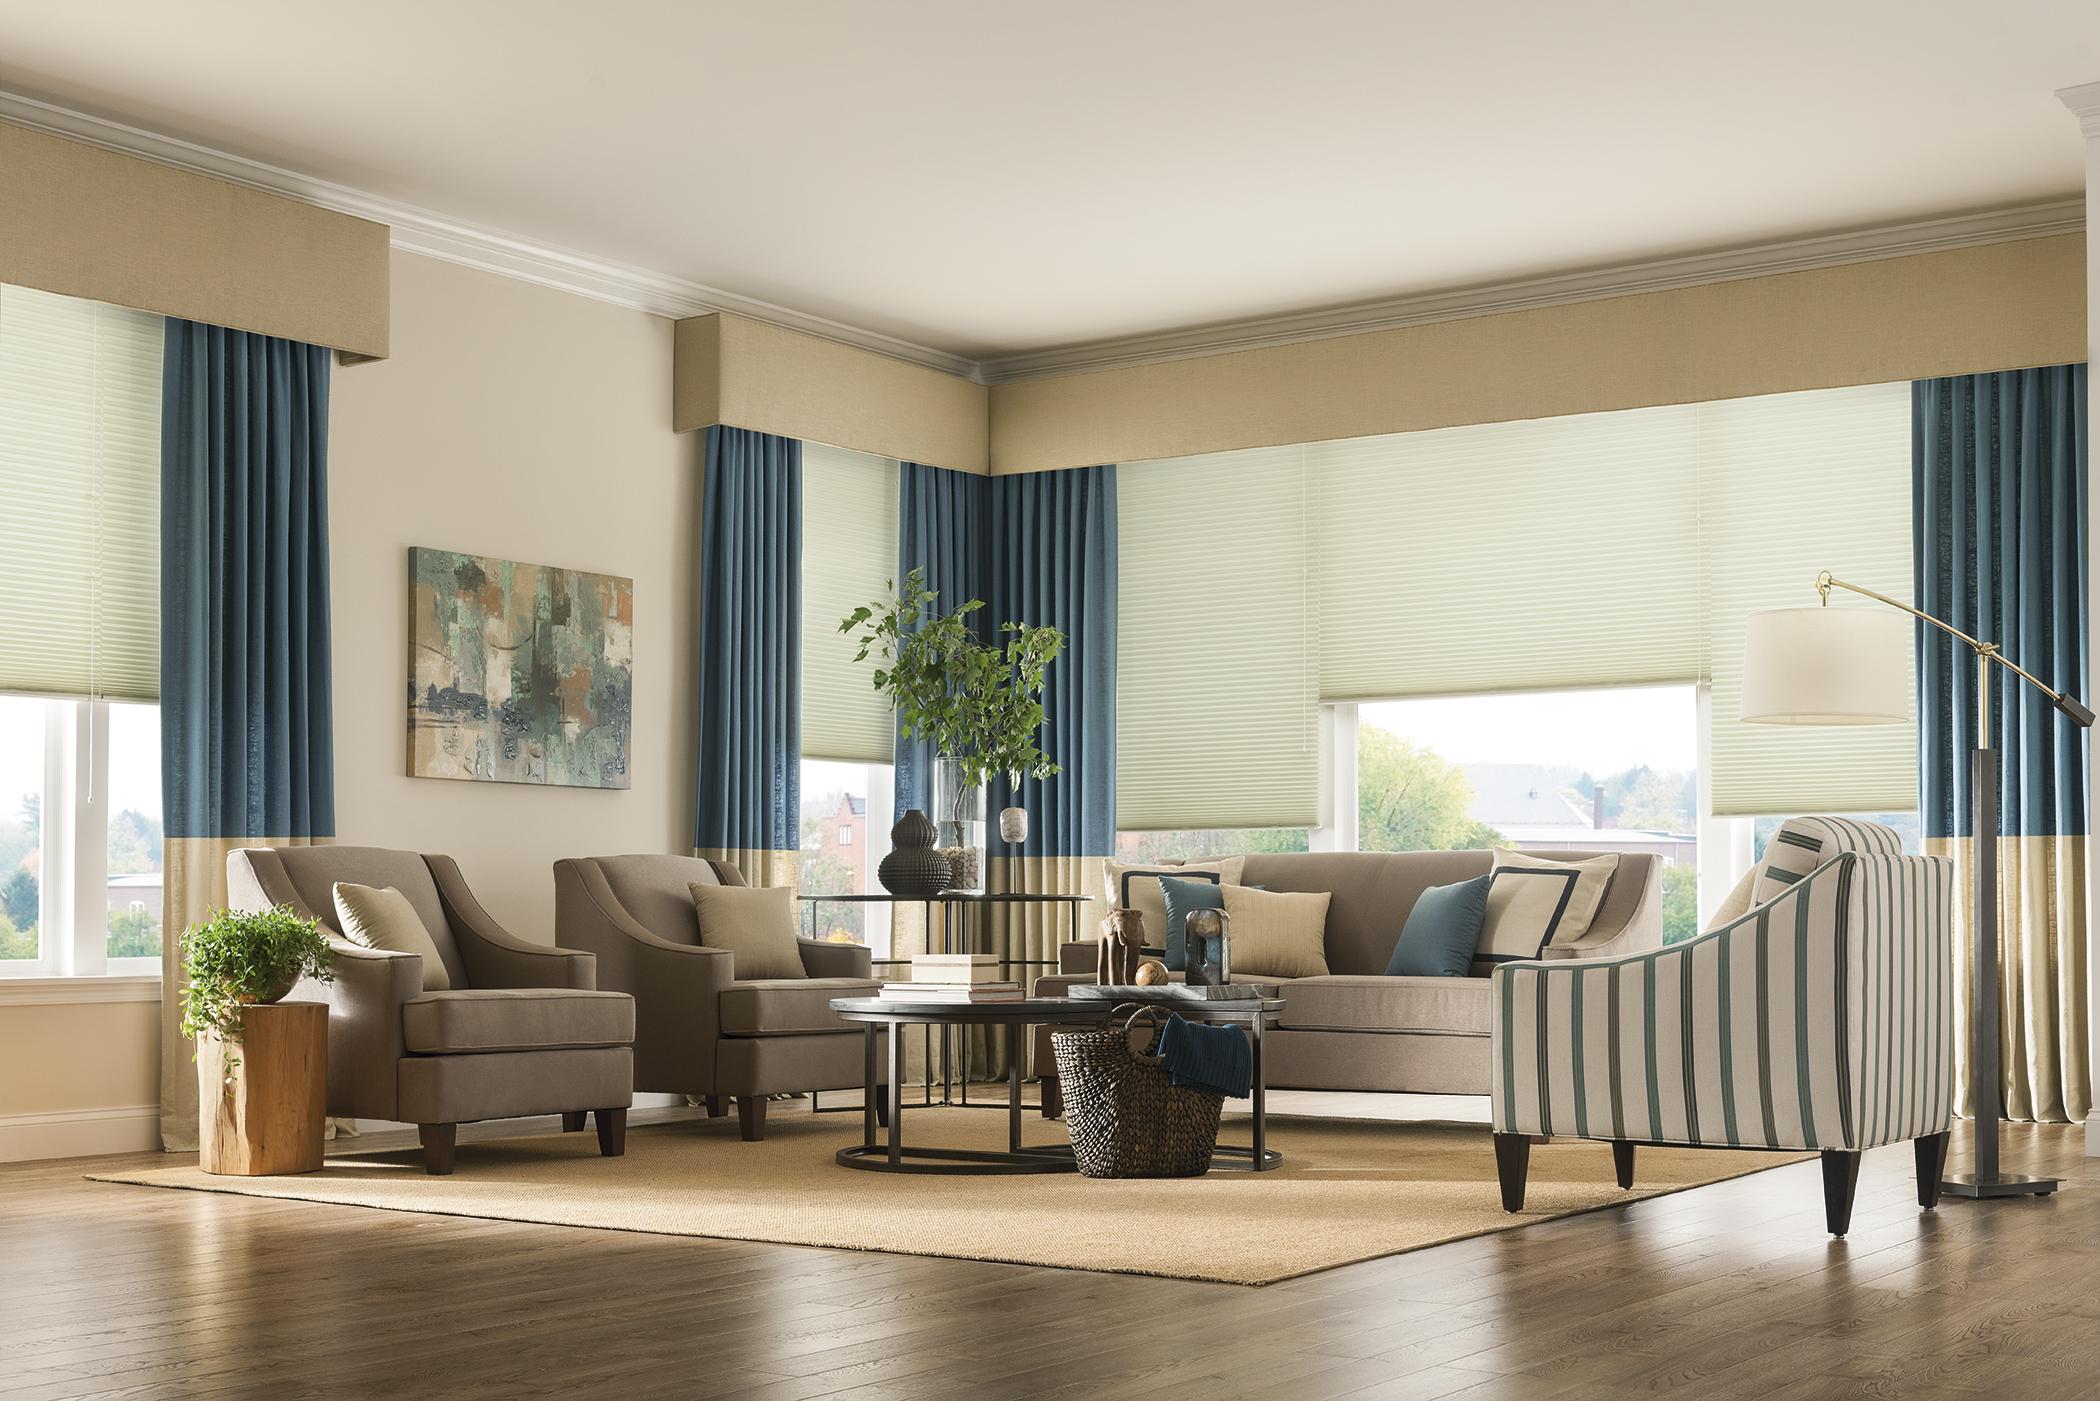 graber-cellular-livingroom3.jpg